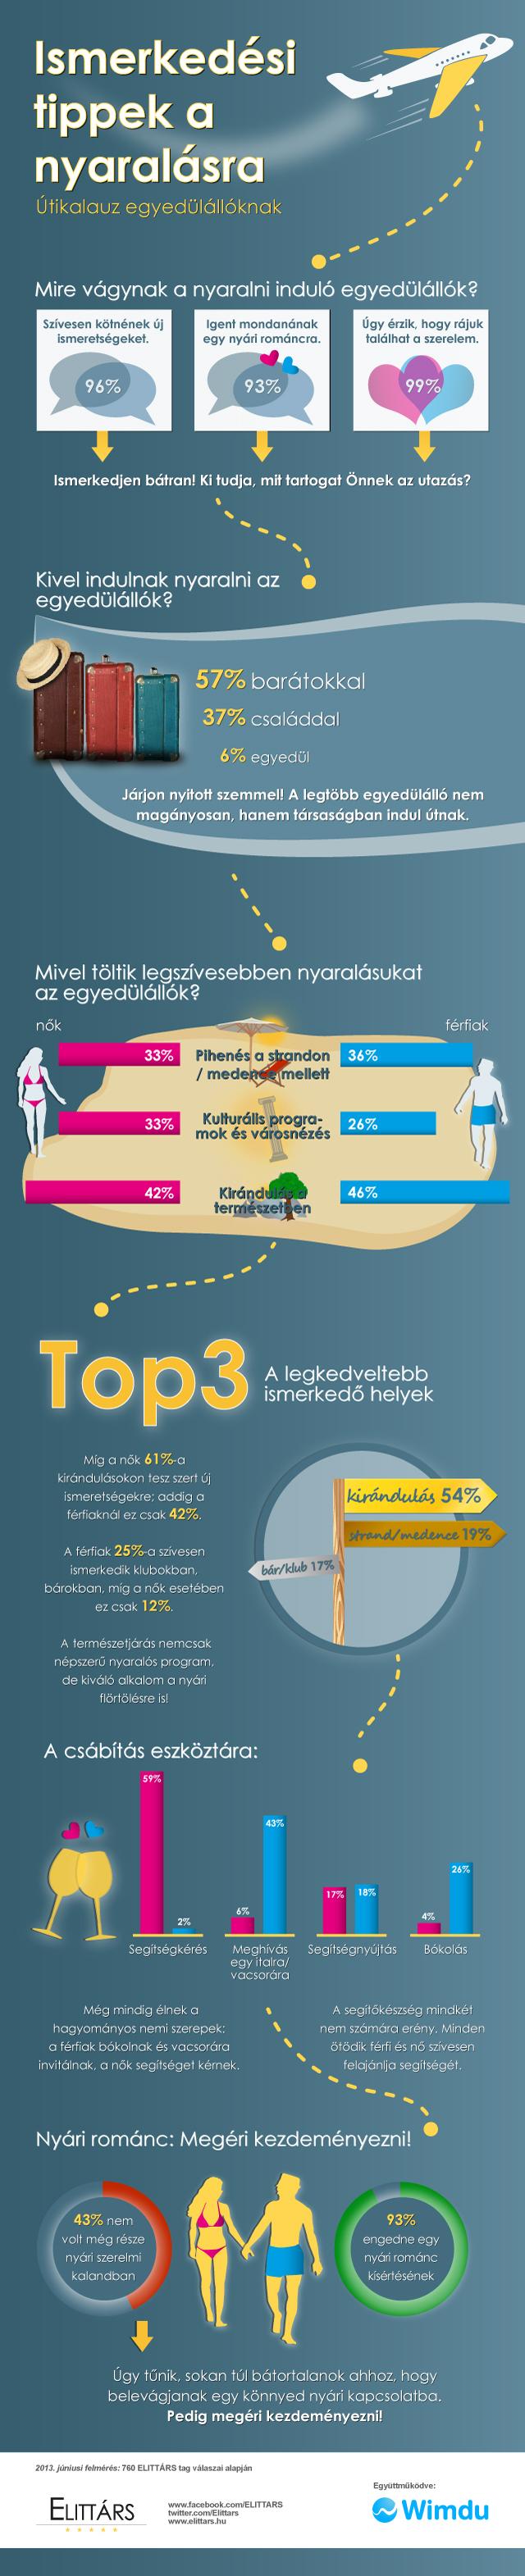 társkereső tippek infographic sorssztrájk